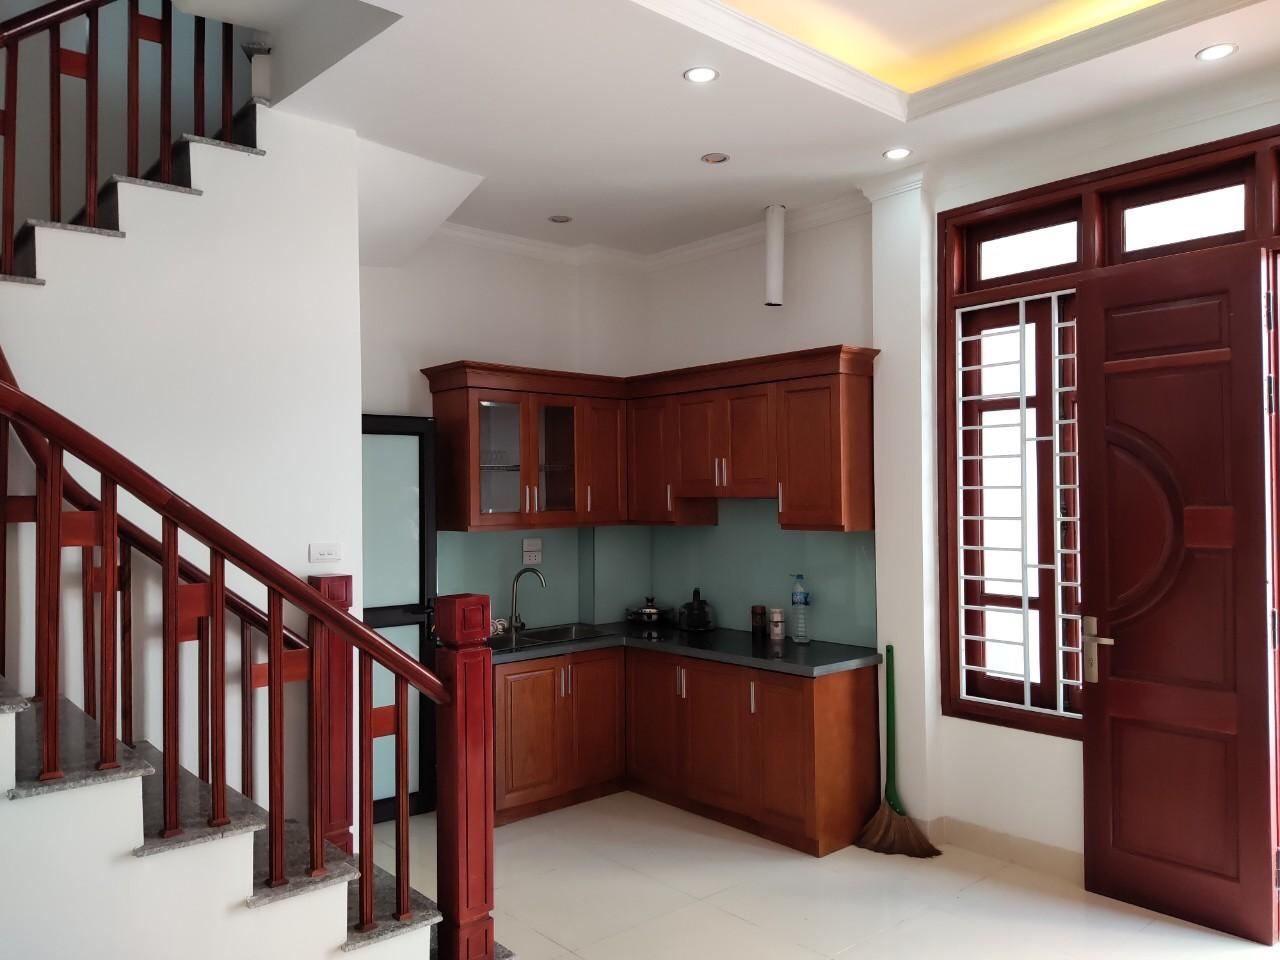 Cần bán Nhà riêng đường Bát Khối, Phường Long Biên, Diện tích 30m², Giá 2.5 Tỷ - LH: 0984142941